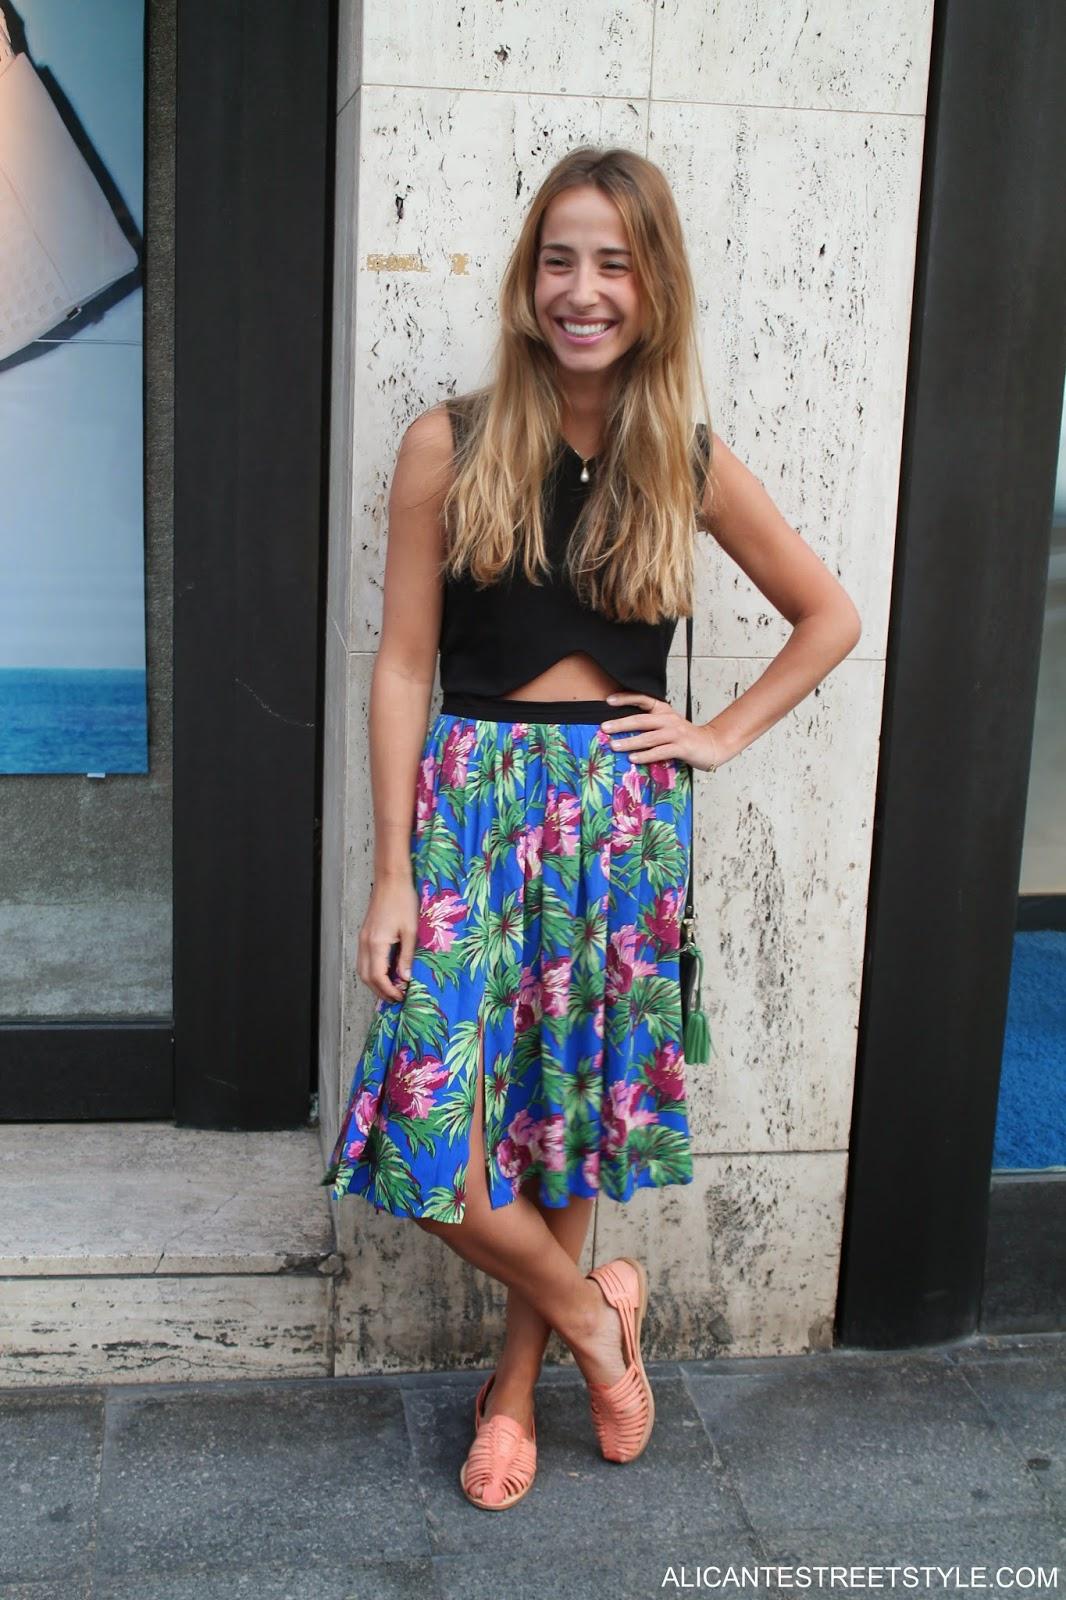 http://www.alicantestreetstyle.com/2014/07/llevar-una-falda-con-print-tropical-con.html